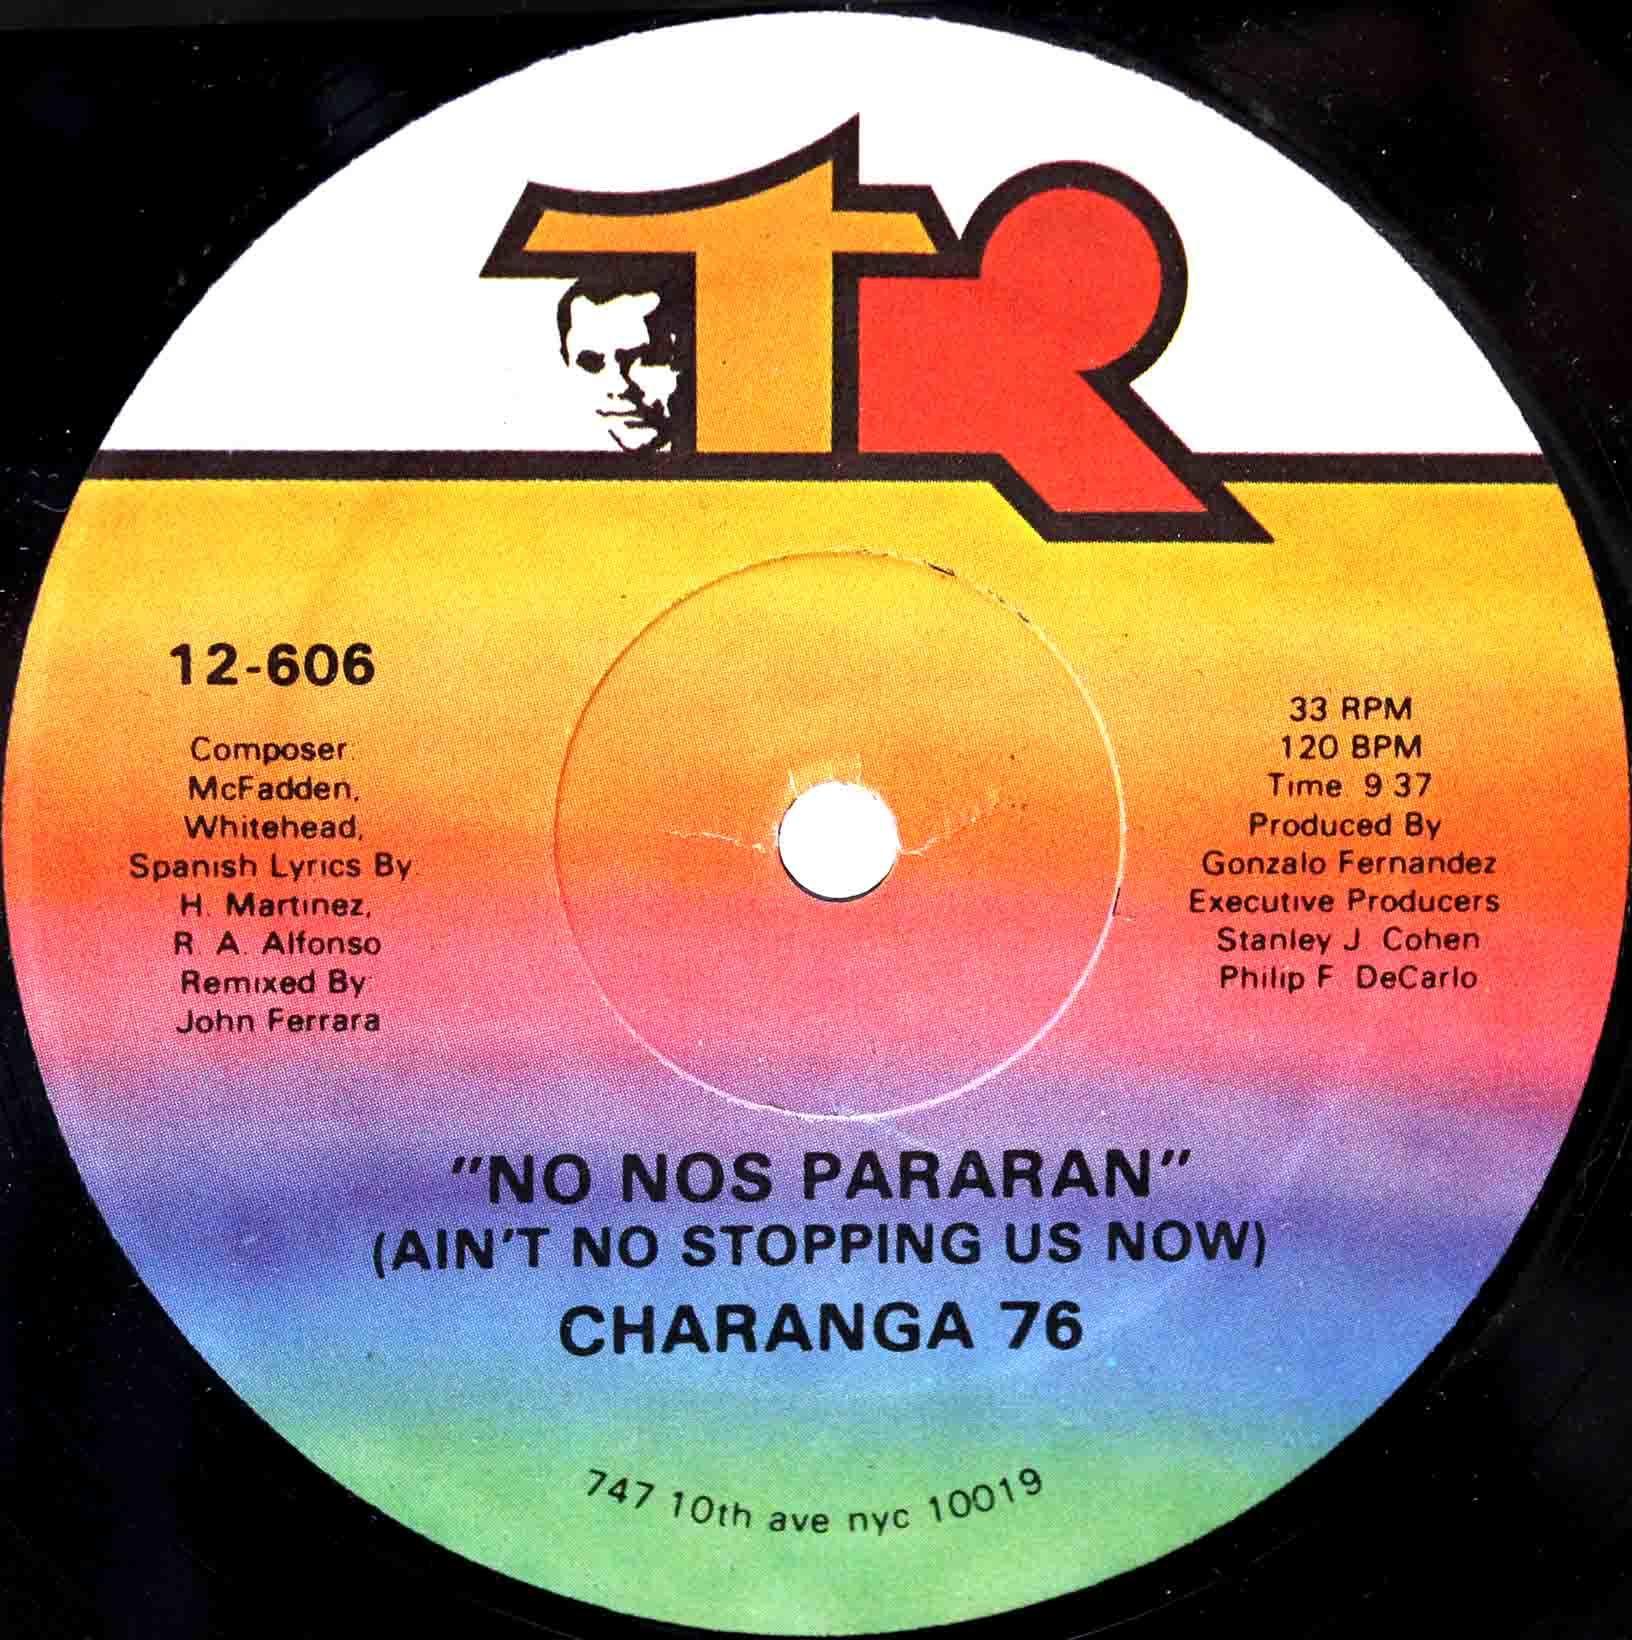 Charanga 76 – No Nos Pararan 03